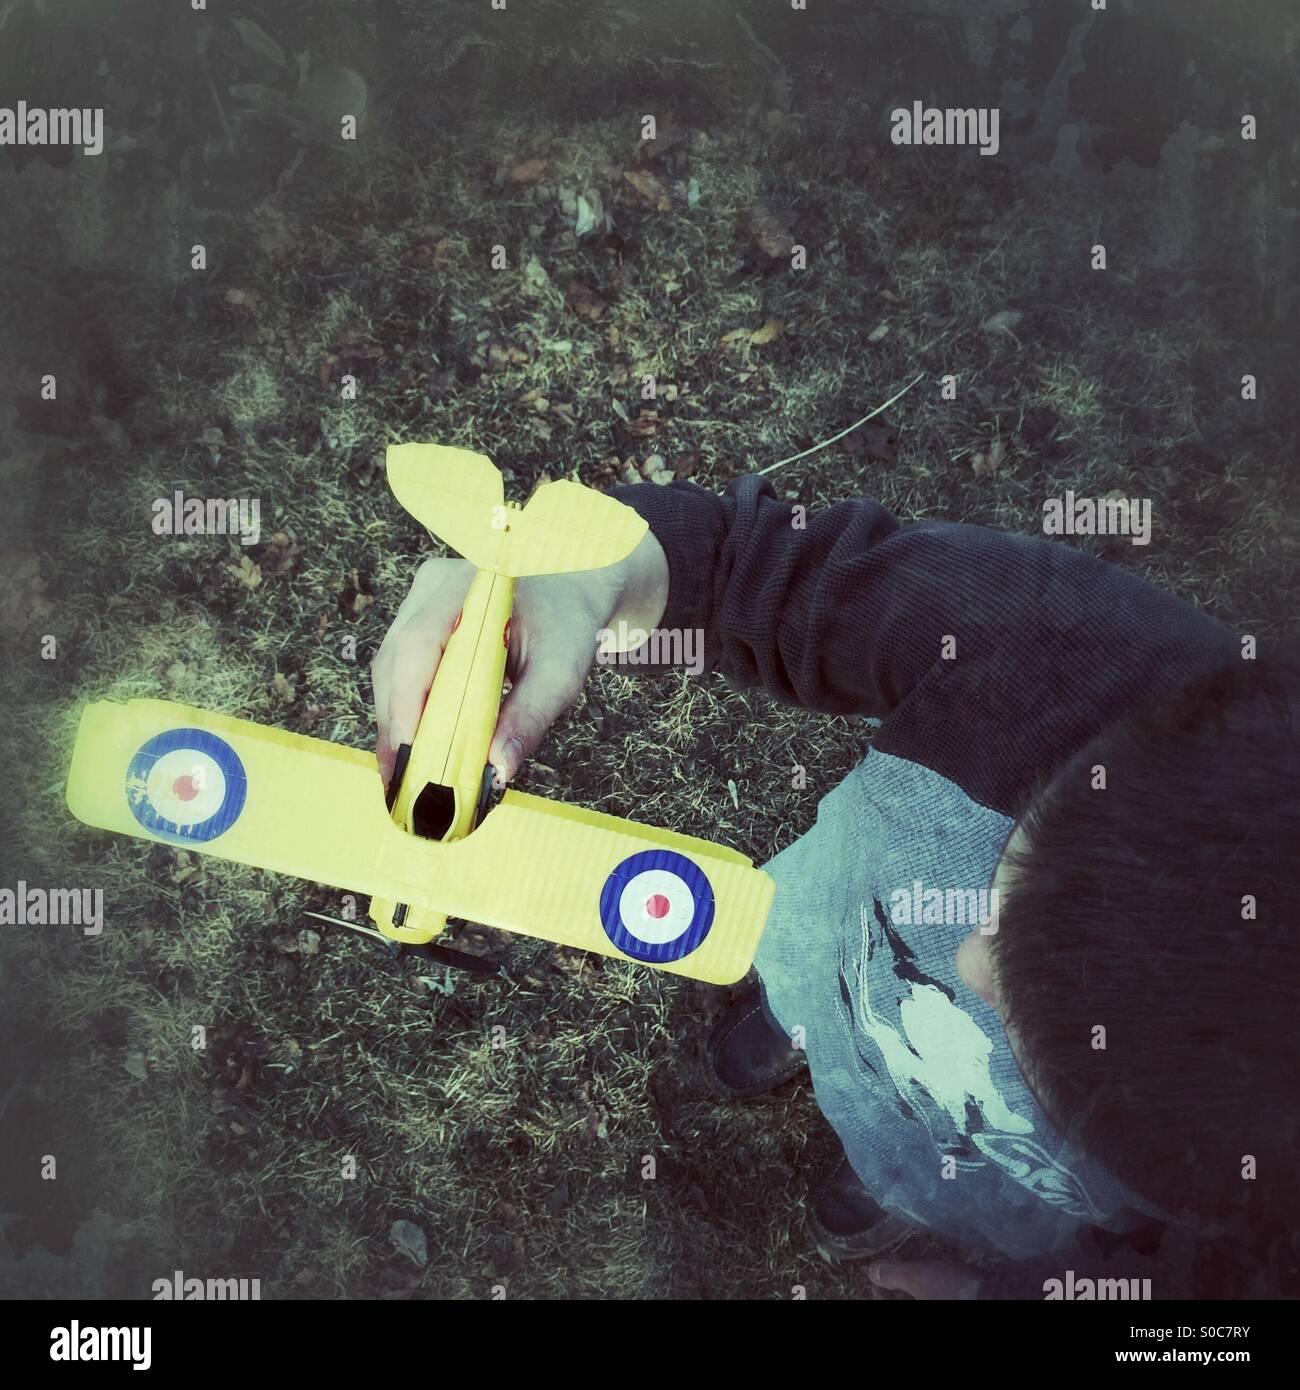 Guardando verso il basso in corrispondenza di un ragazzo tenendo un modello di aeroplano Immagini Stock